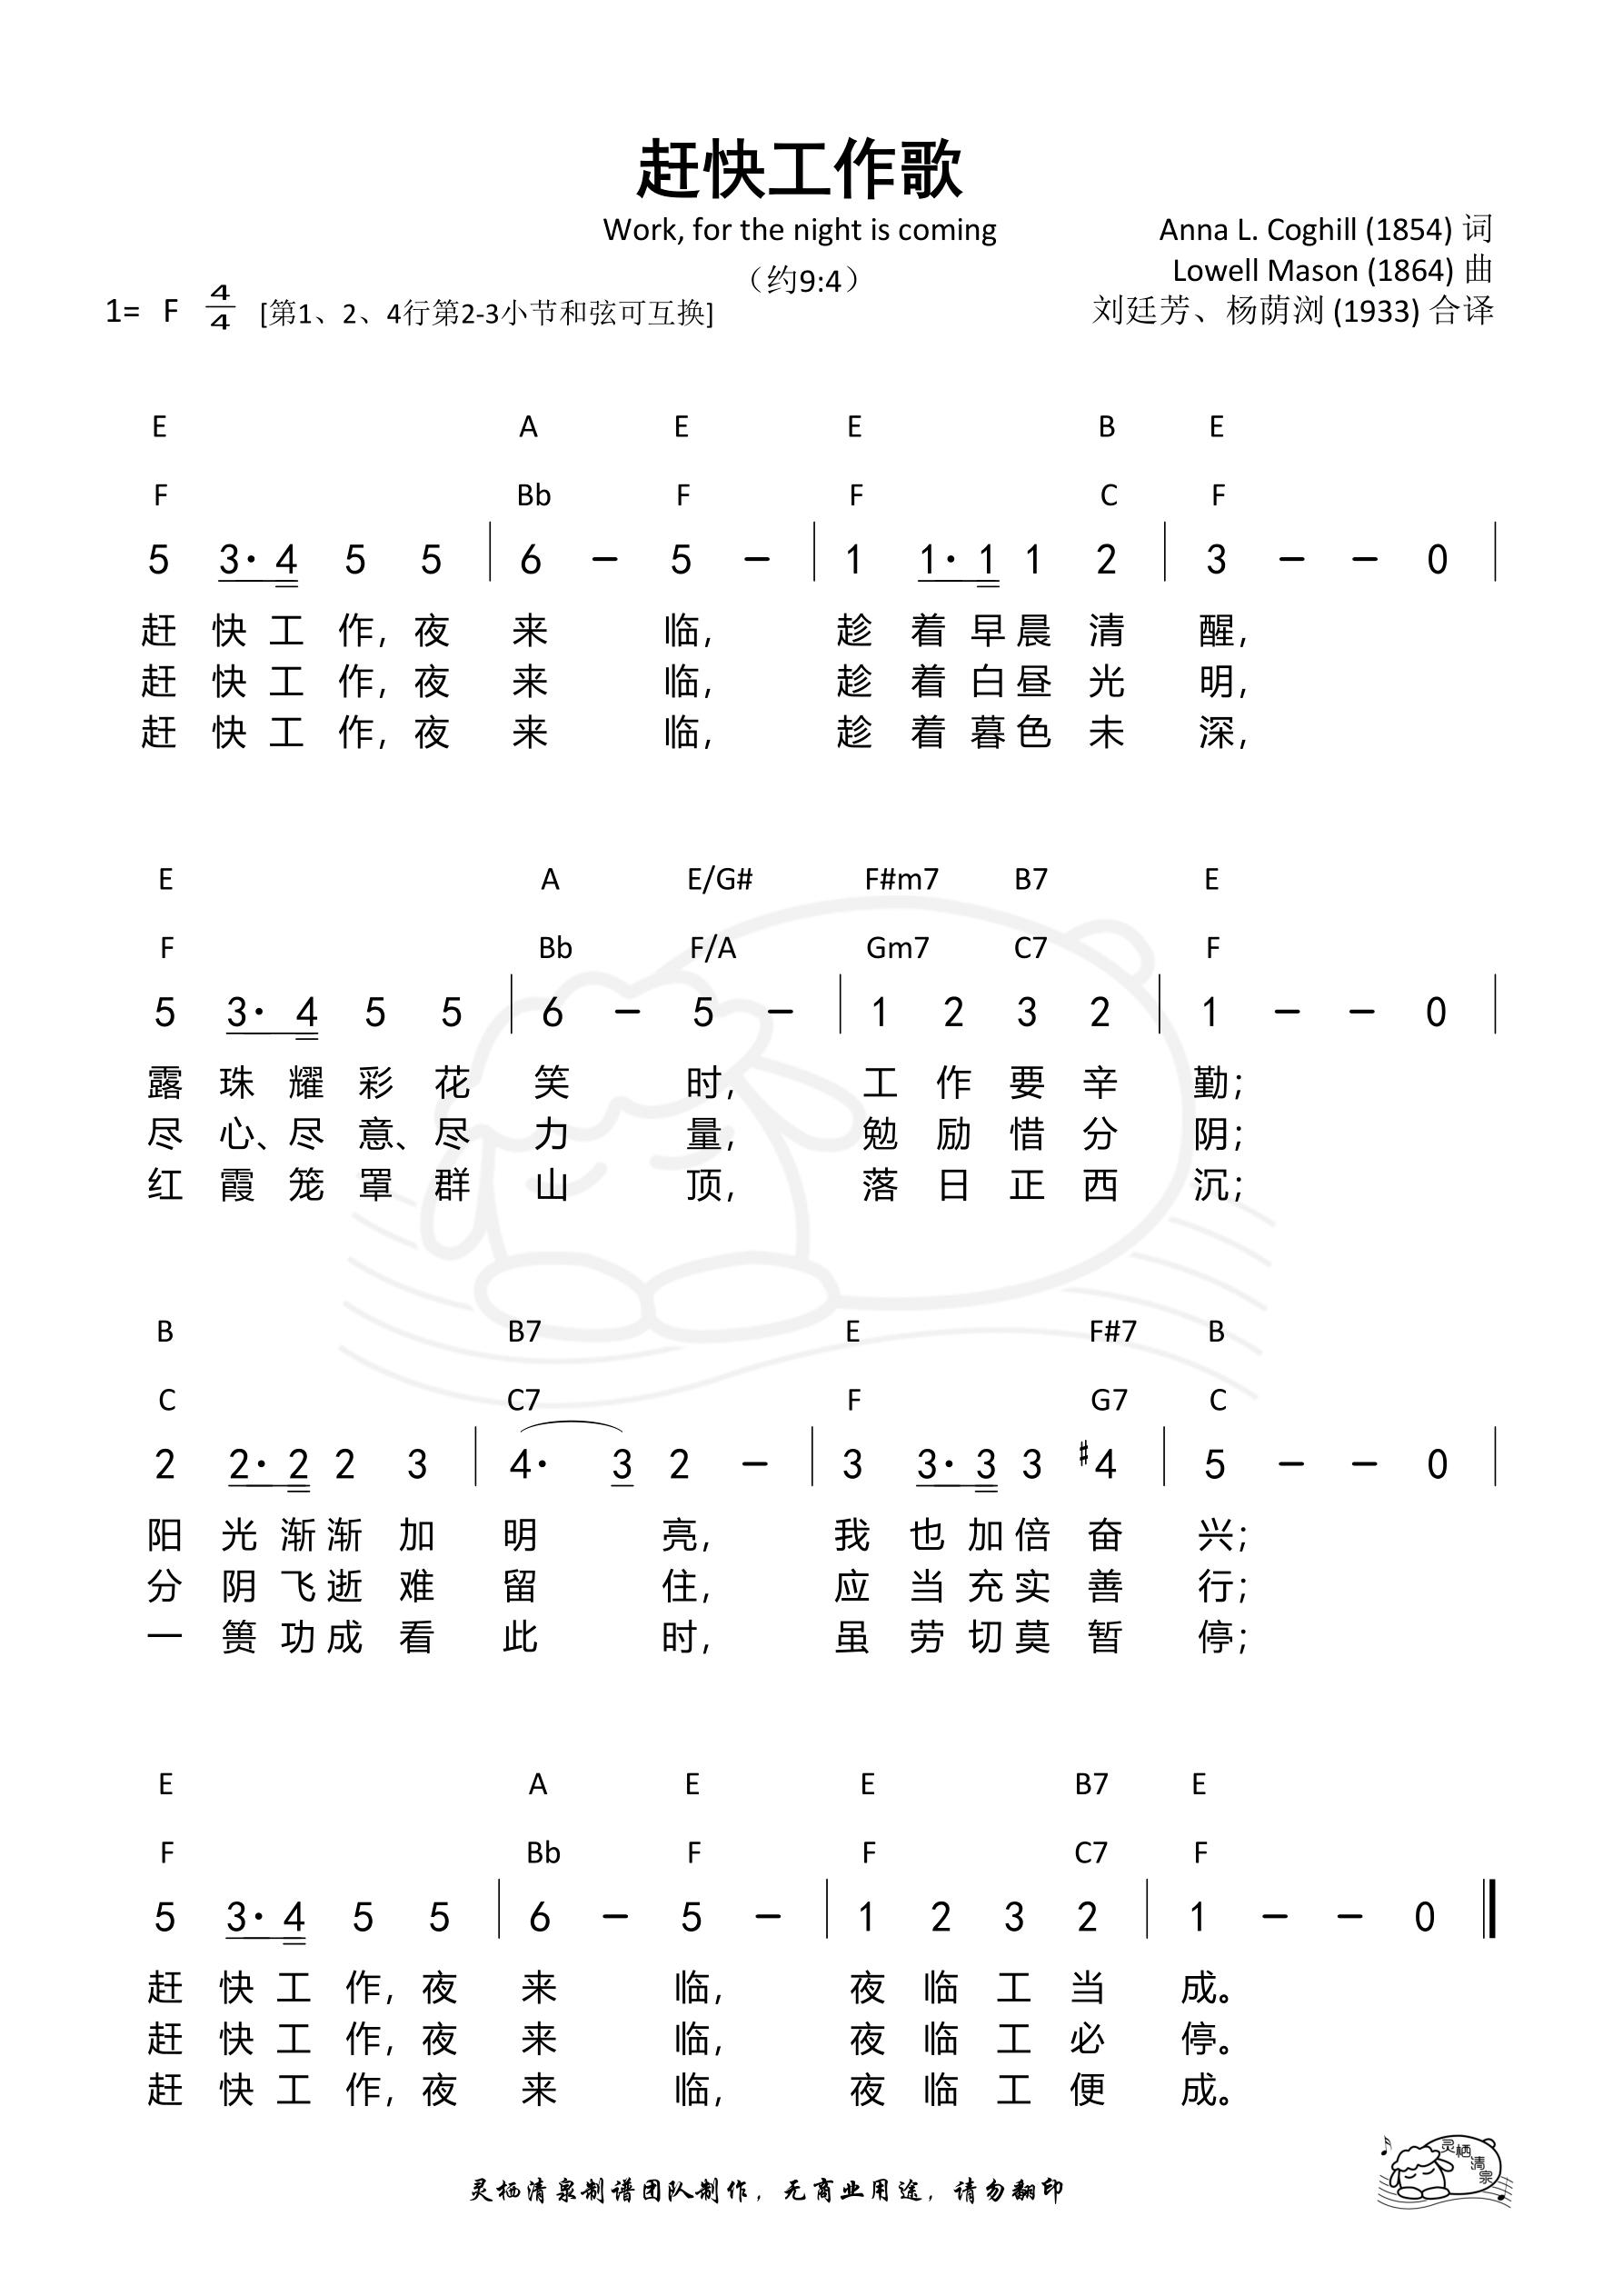 《第38首 - 赶快工作歌(F调 & E调)和弦简谱》